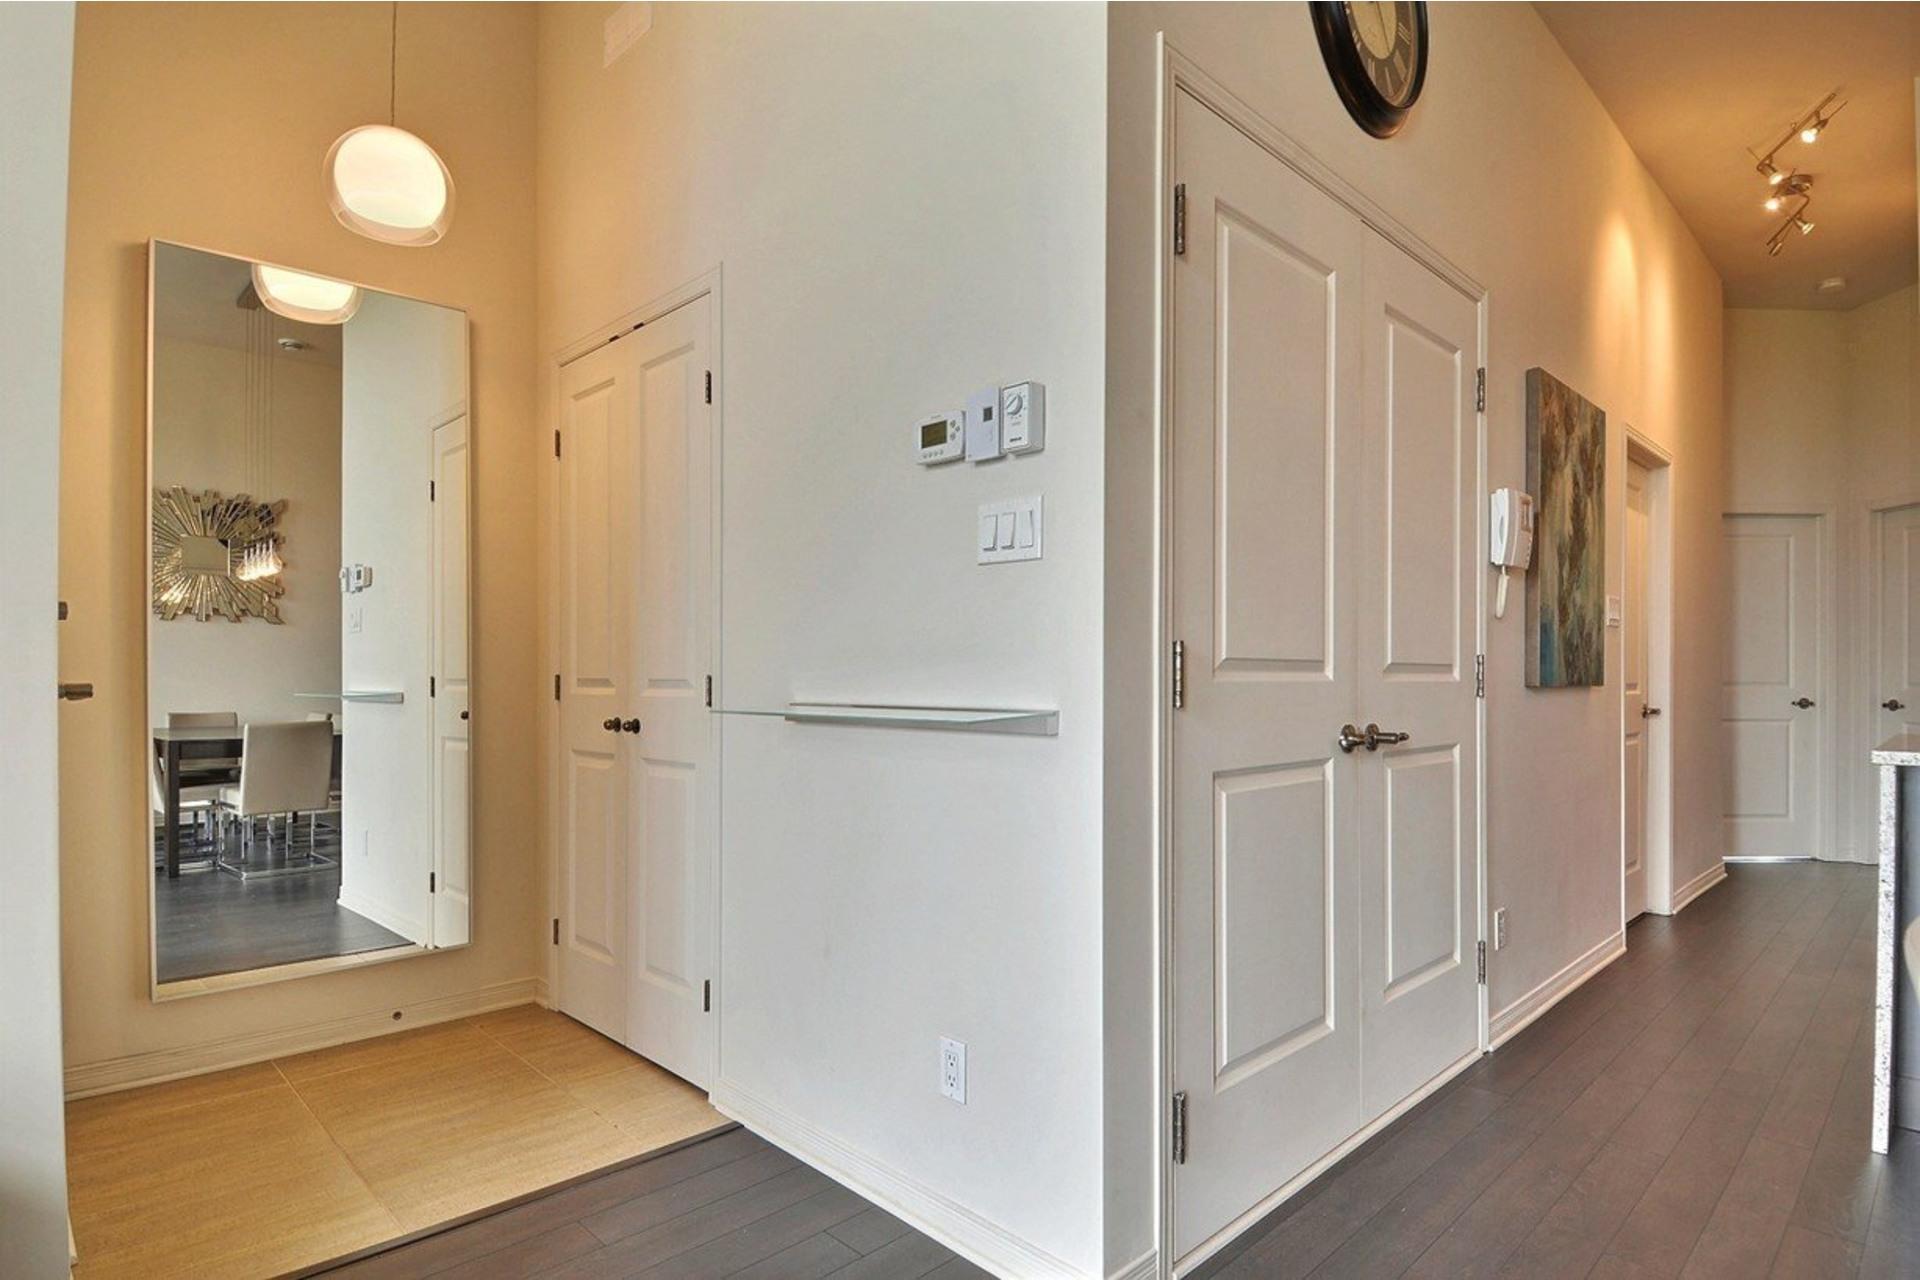 image 5 - Appartamento In Affitto Saint-Laurent Montréal  - 5 stanze